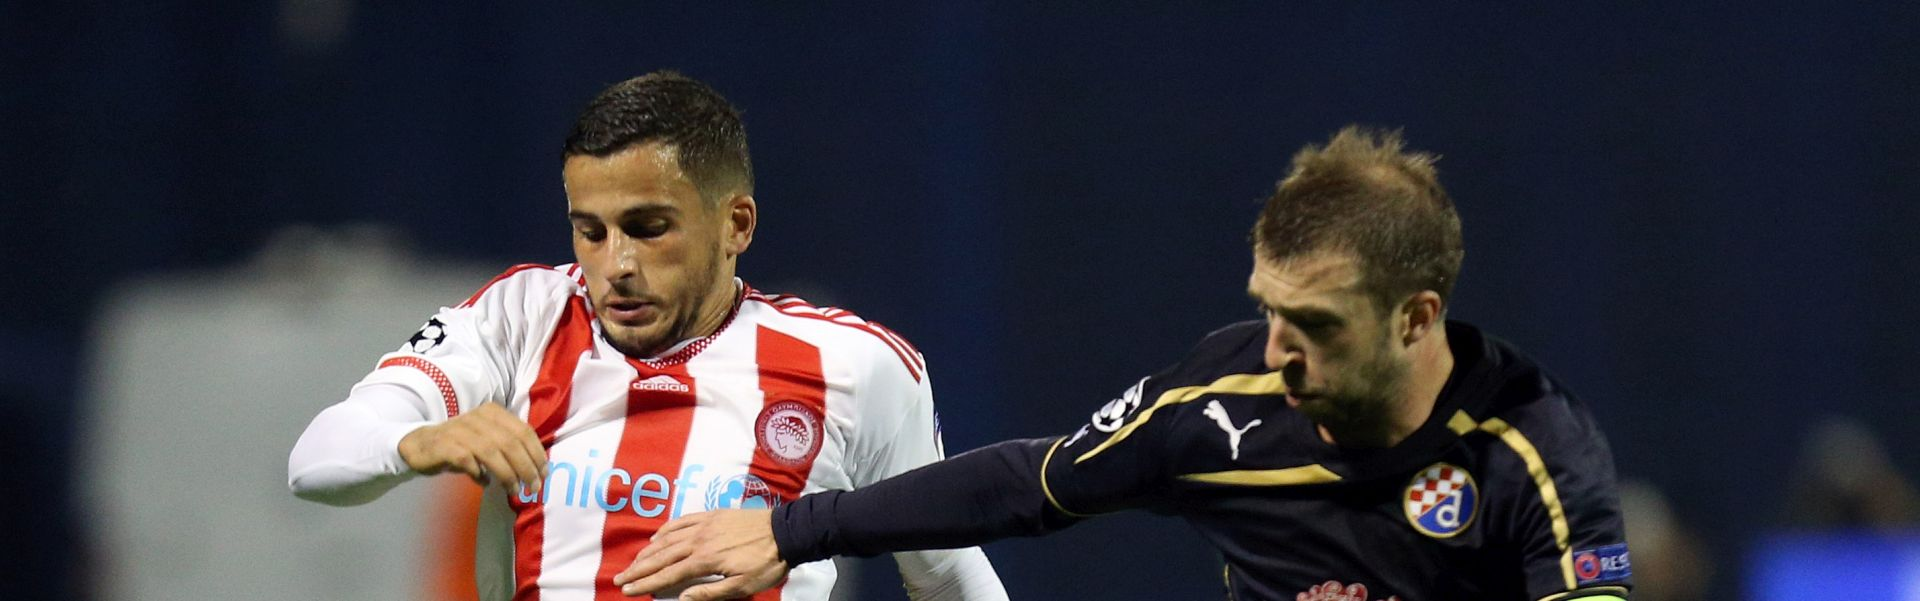 LIGA PRVAKA Dinamo pao glupom pogreškom i zakinut za penal